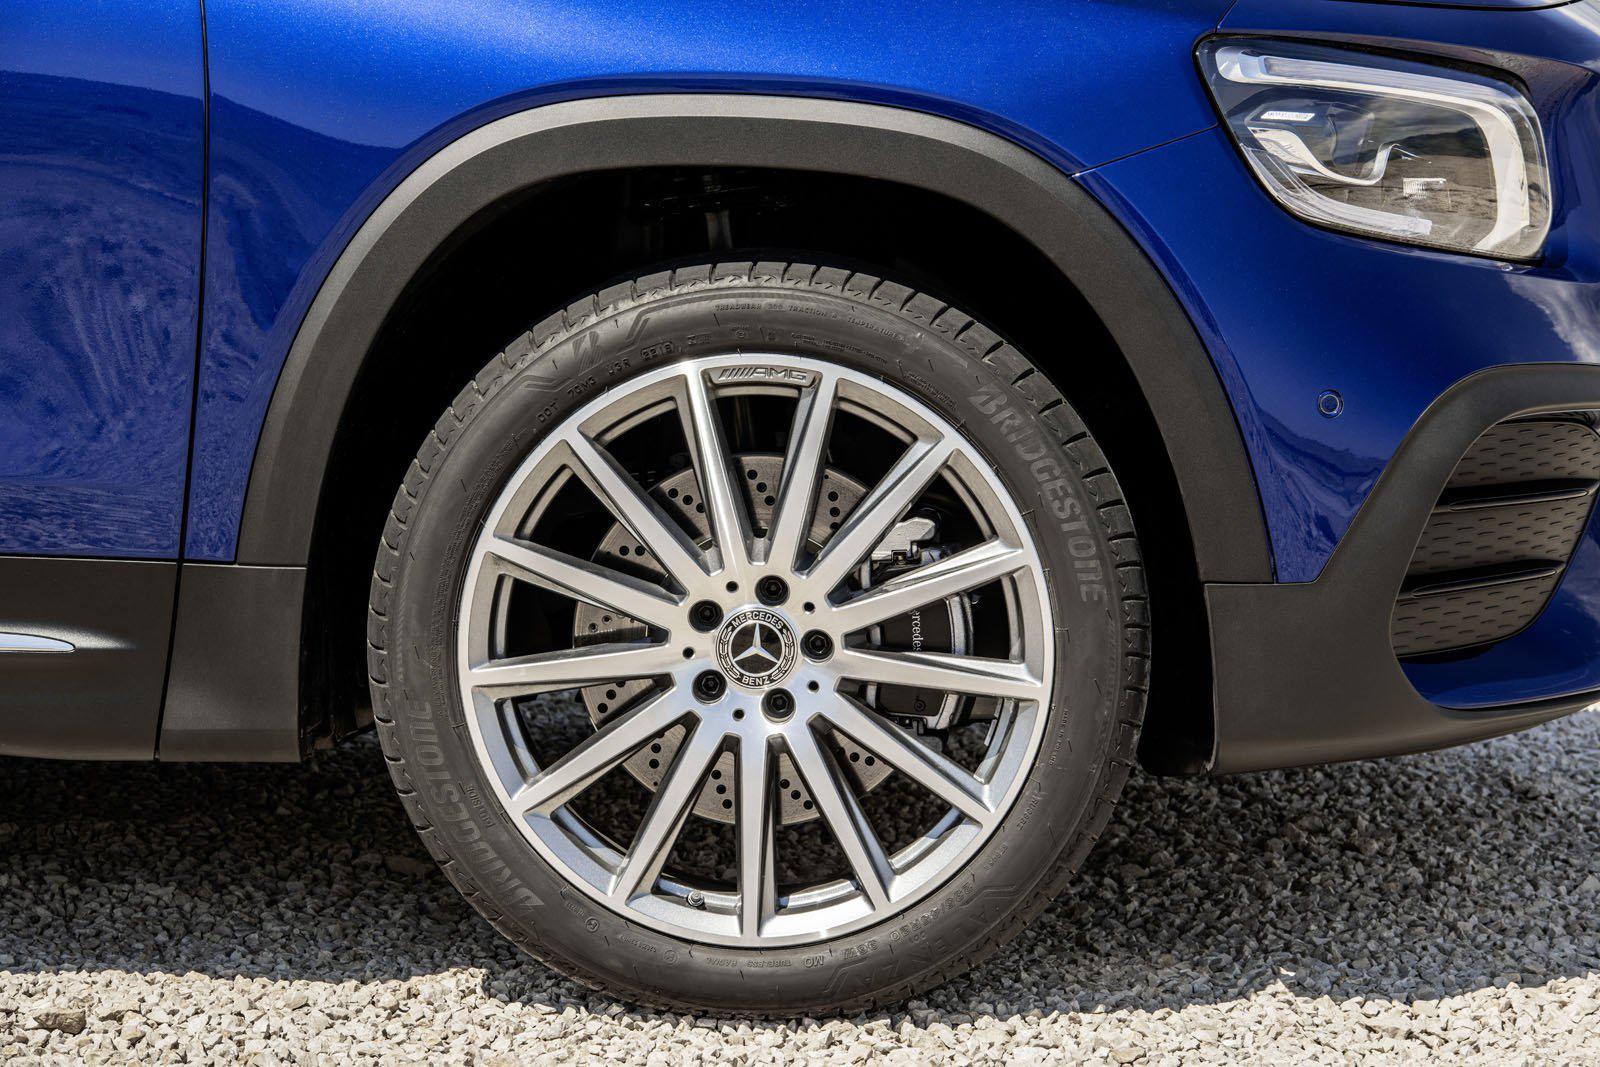 Ngắm trước Mercedes GLB sắp ra mắt với lựa chọn 7 chỗ Ảnh 14